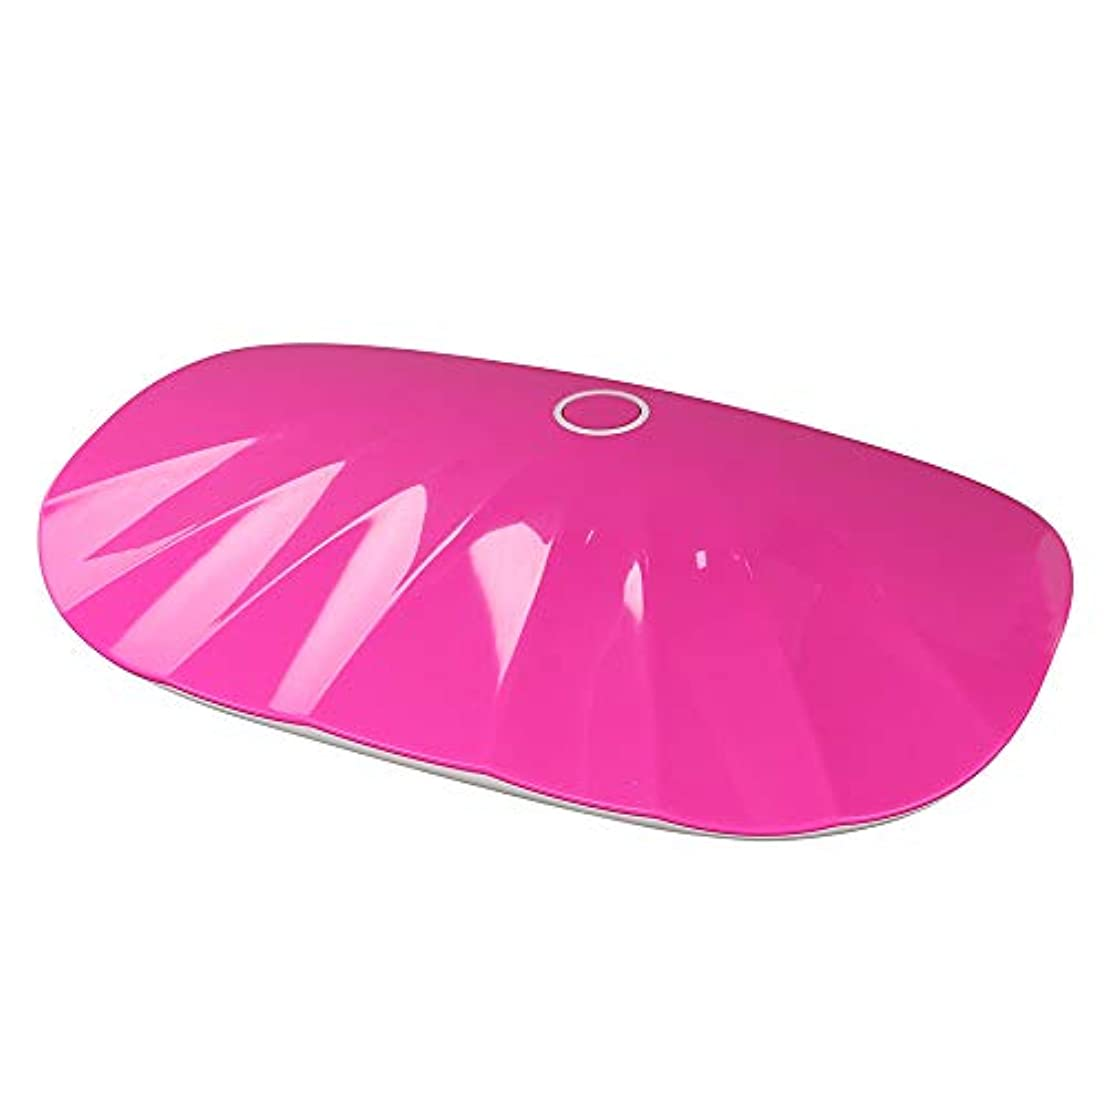 アラスカ回転格差Jilebao ネイルライト 6W ハイパワー USBライン付き ミニ 可愛い ジェルネイル レジンクラフト コンパクト LEDライト UVライト ネイルドライヤー 自動検知モード 折りたたみ式 手足とも使える (マルチカラー)